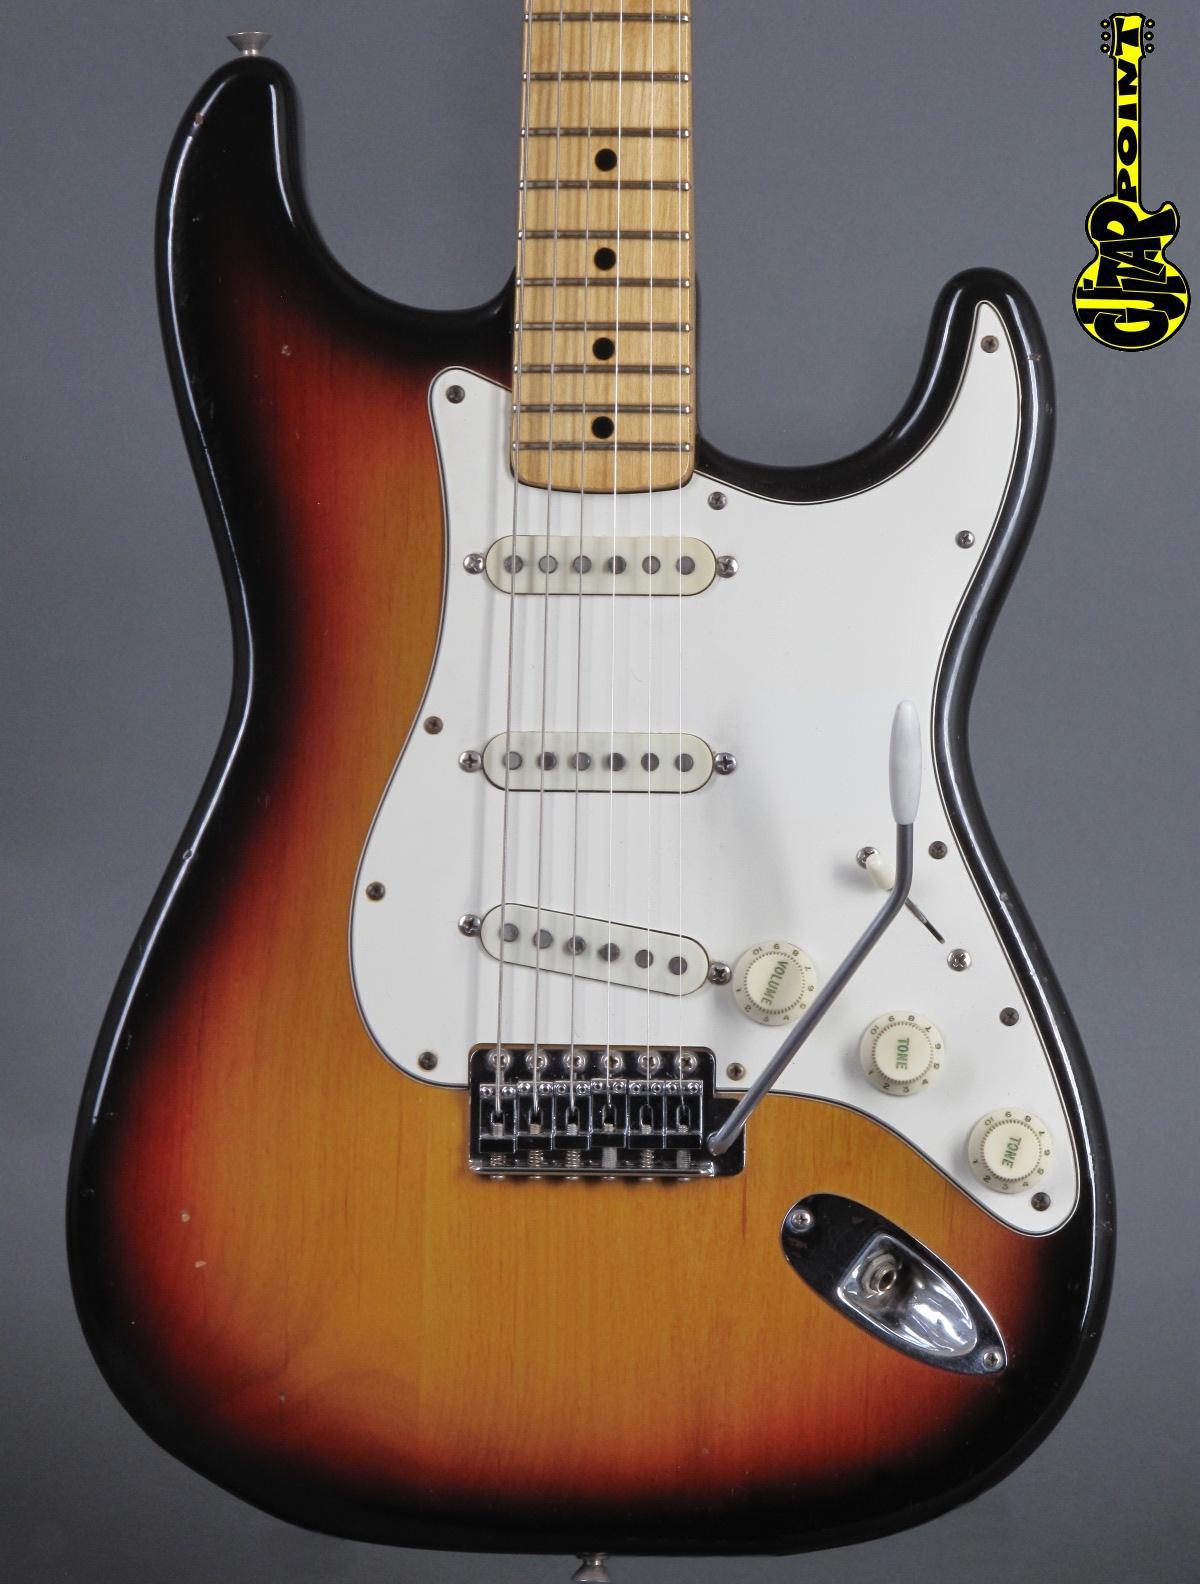 1974 Fender Stratocaster - 3t-Sunburst   ...only 3,2Kg!